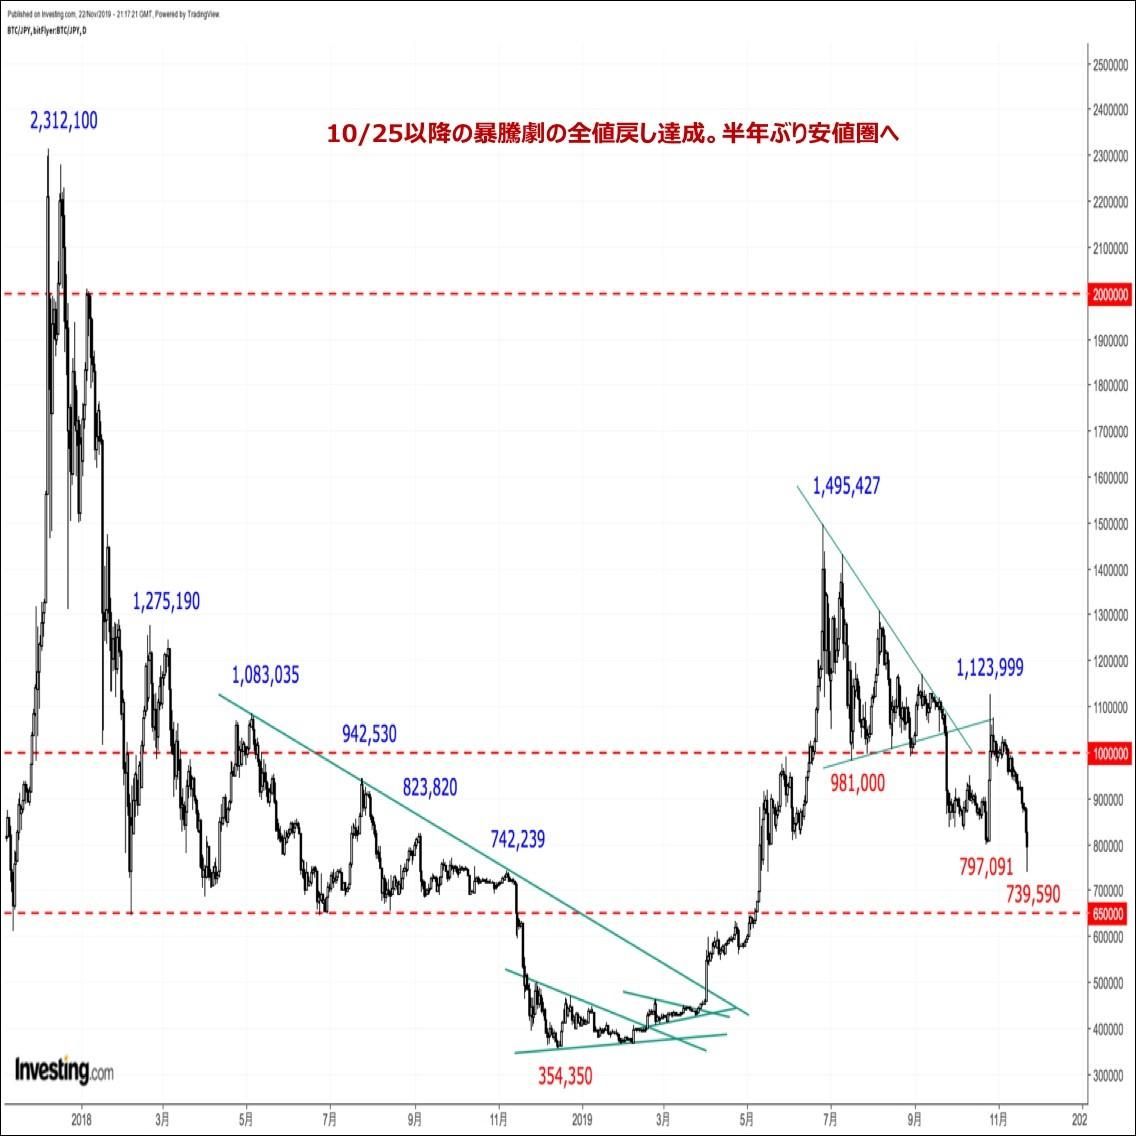 ビットコインの価格分析『約6ヵ月ぶり安値圏へ急落。10月後半の暴騰劇の全値戻しを達成』(11/24)